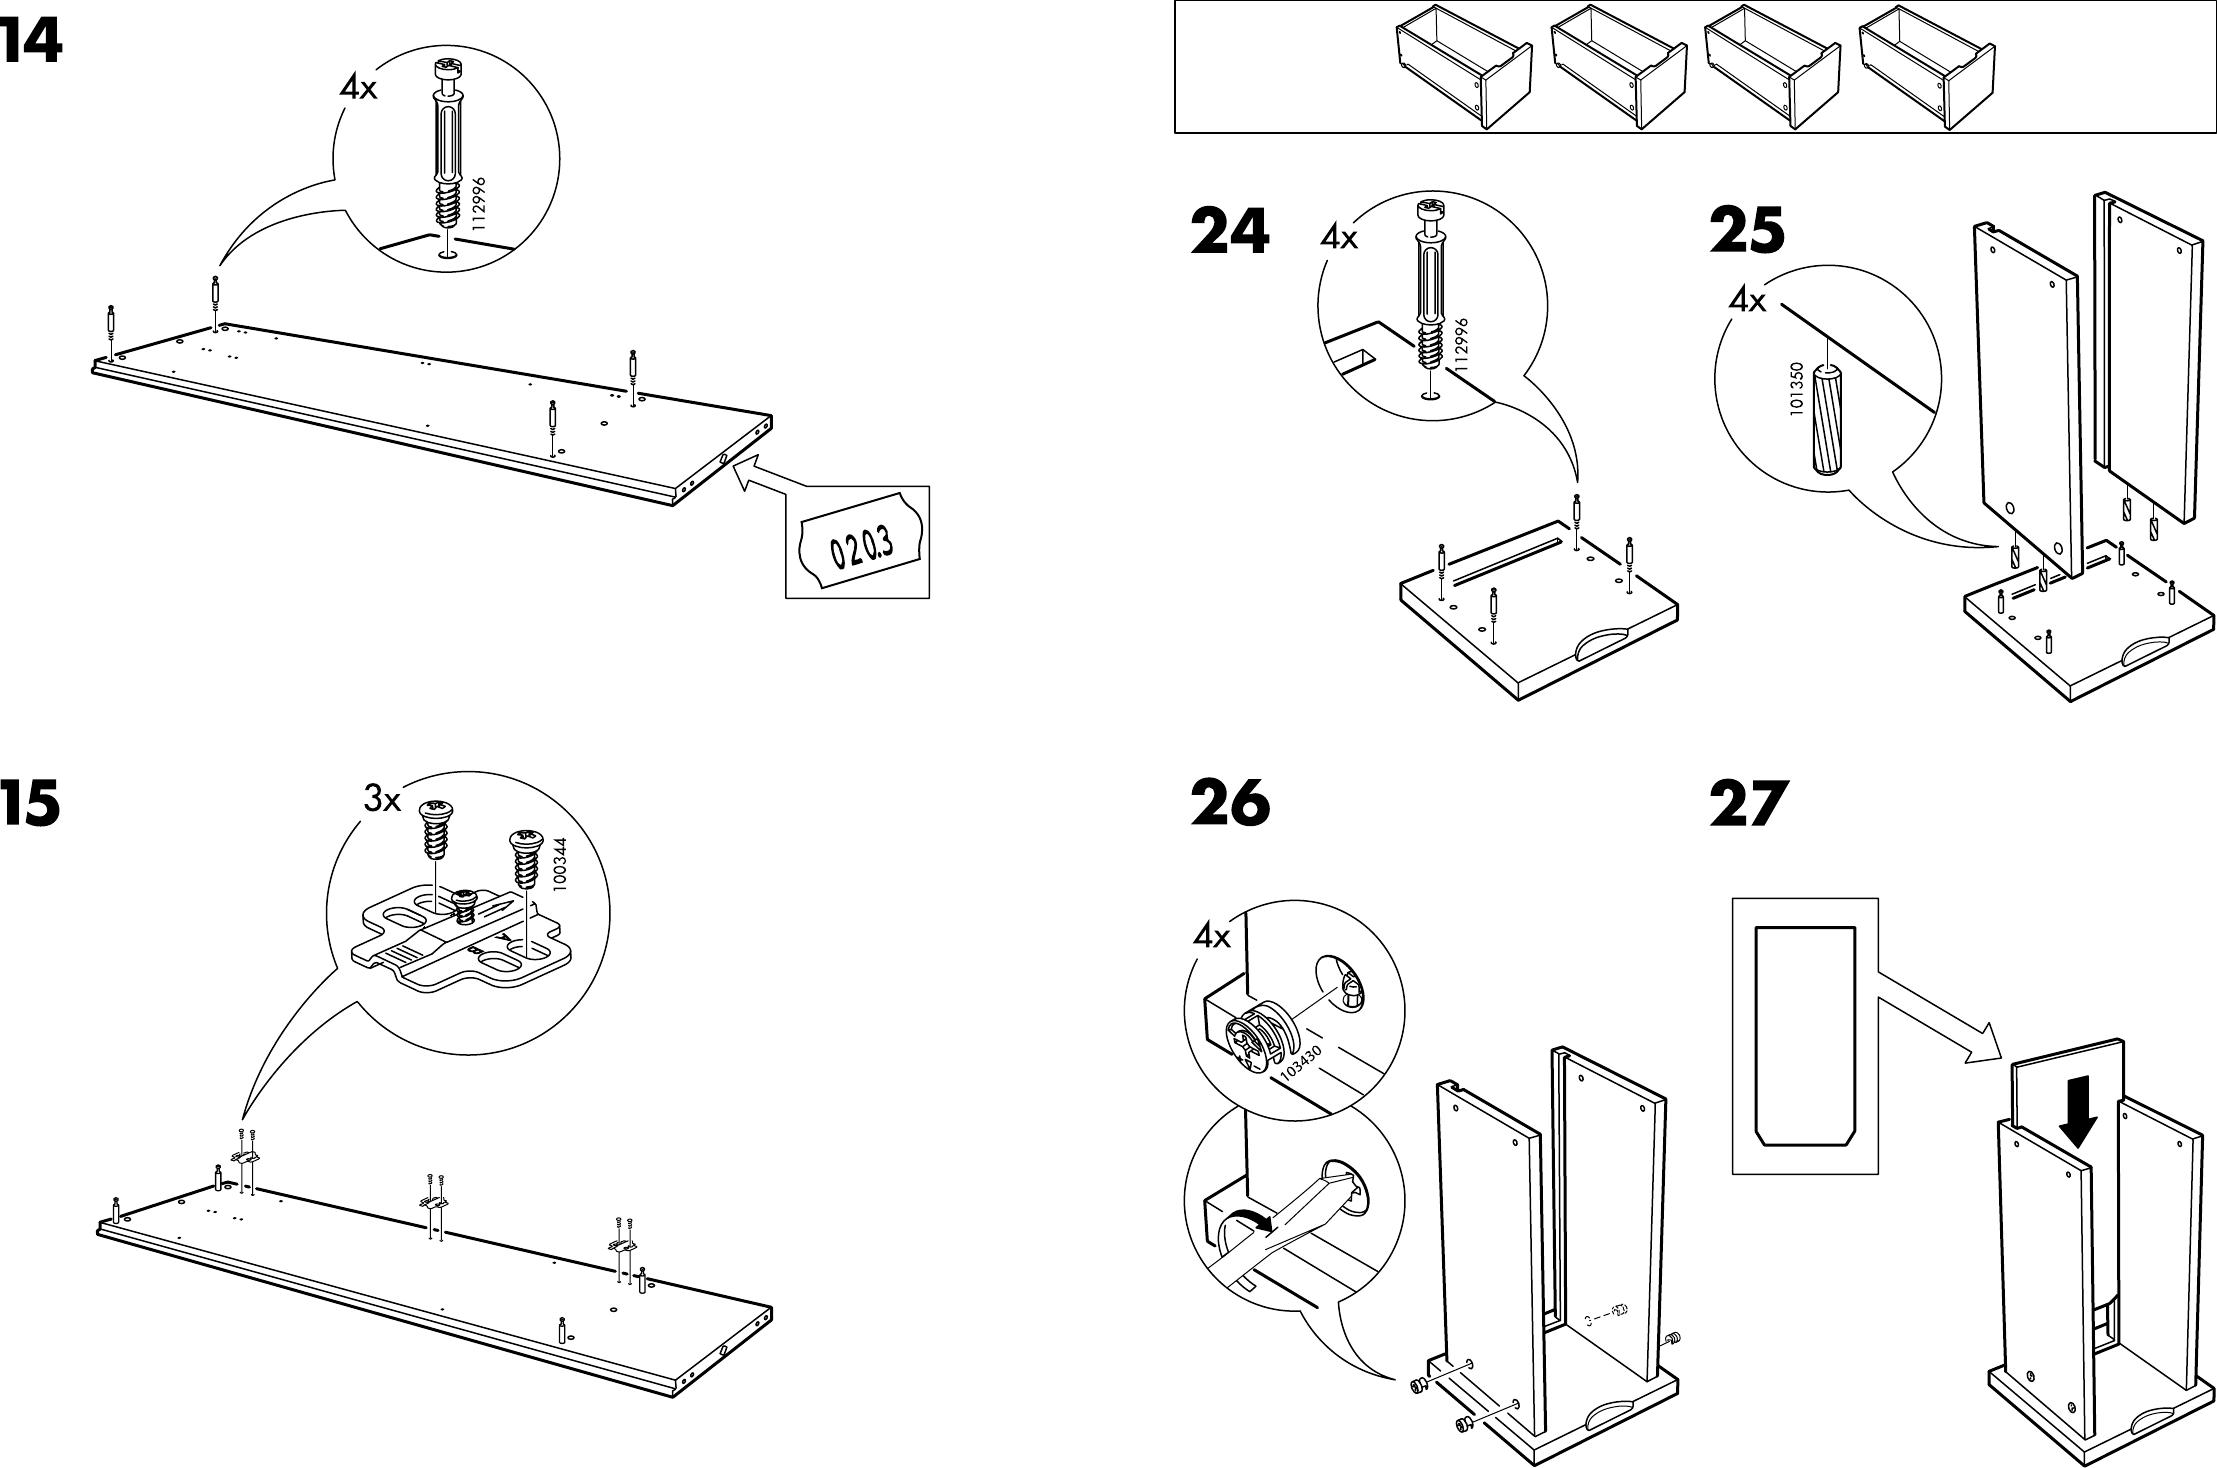 Ikea kast rakke handleiding kast ikea rakke beste idee n voor interieurontwerp - Idee van interieurontwerp ...